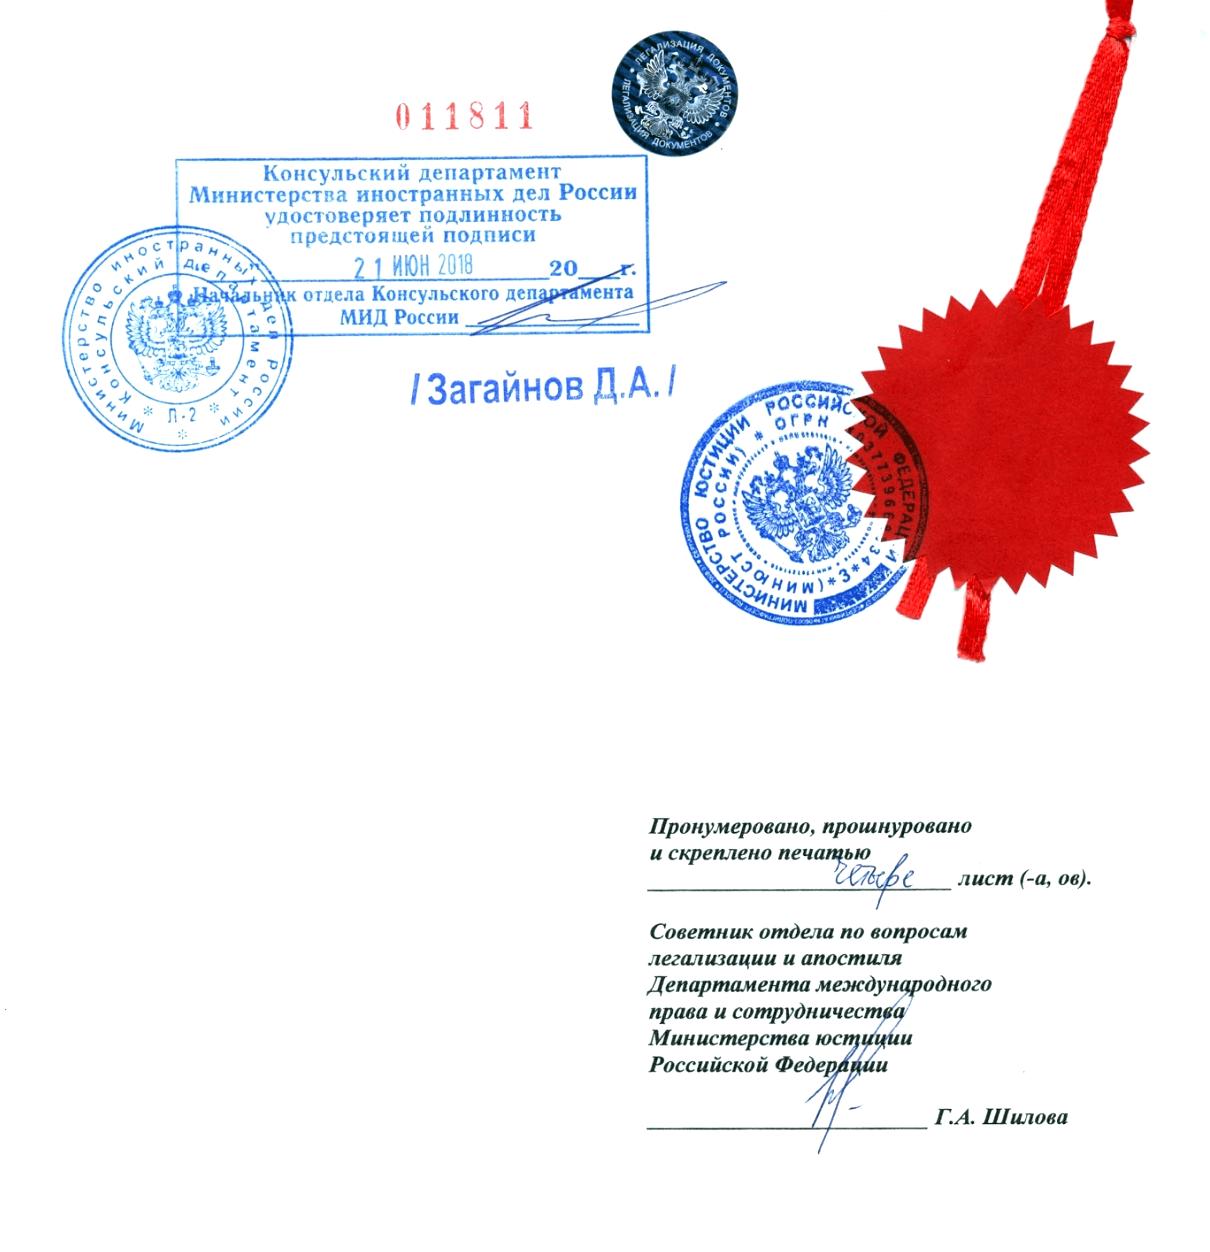 На последней странице появилась печать и подпись сотрудника МИД, а также номер моего документа в реестре